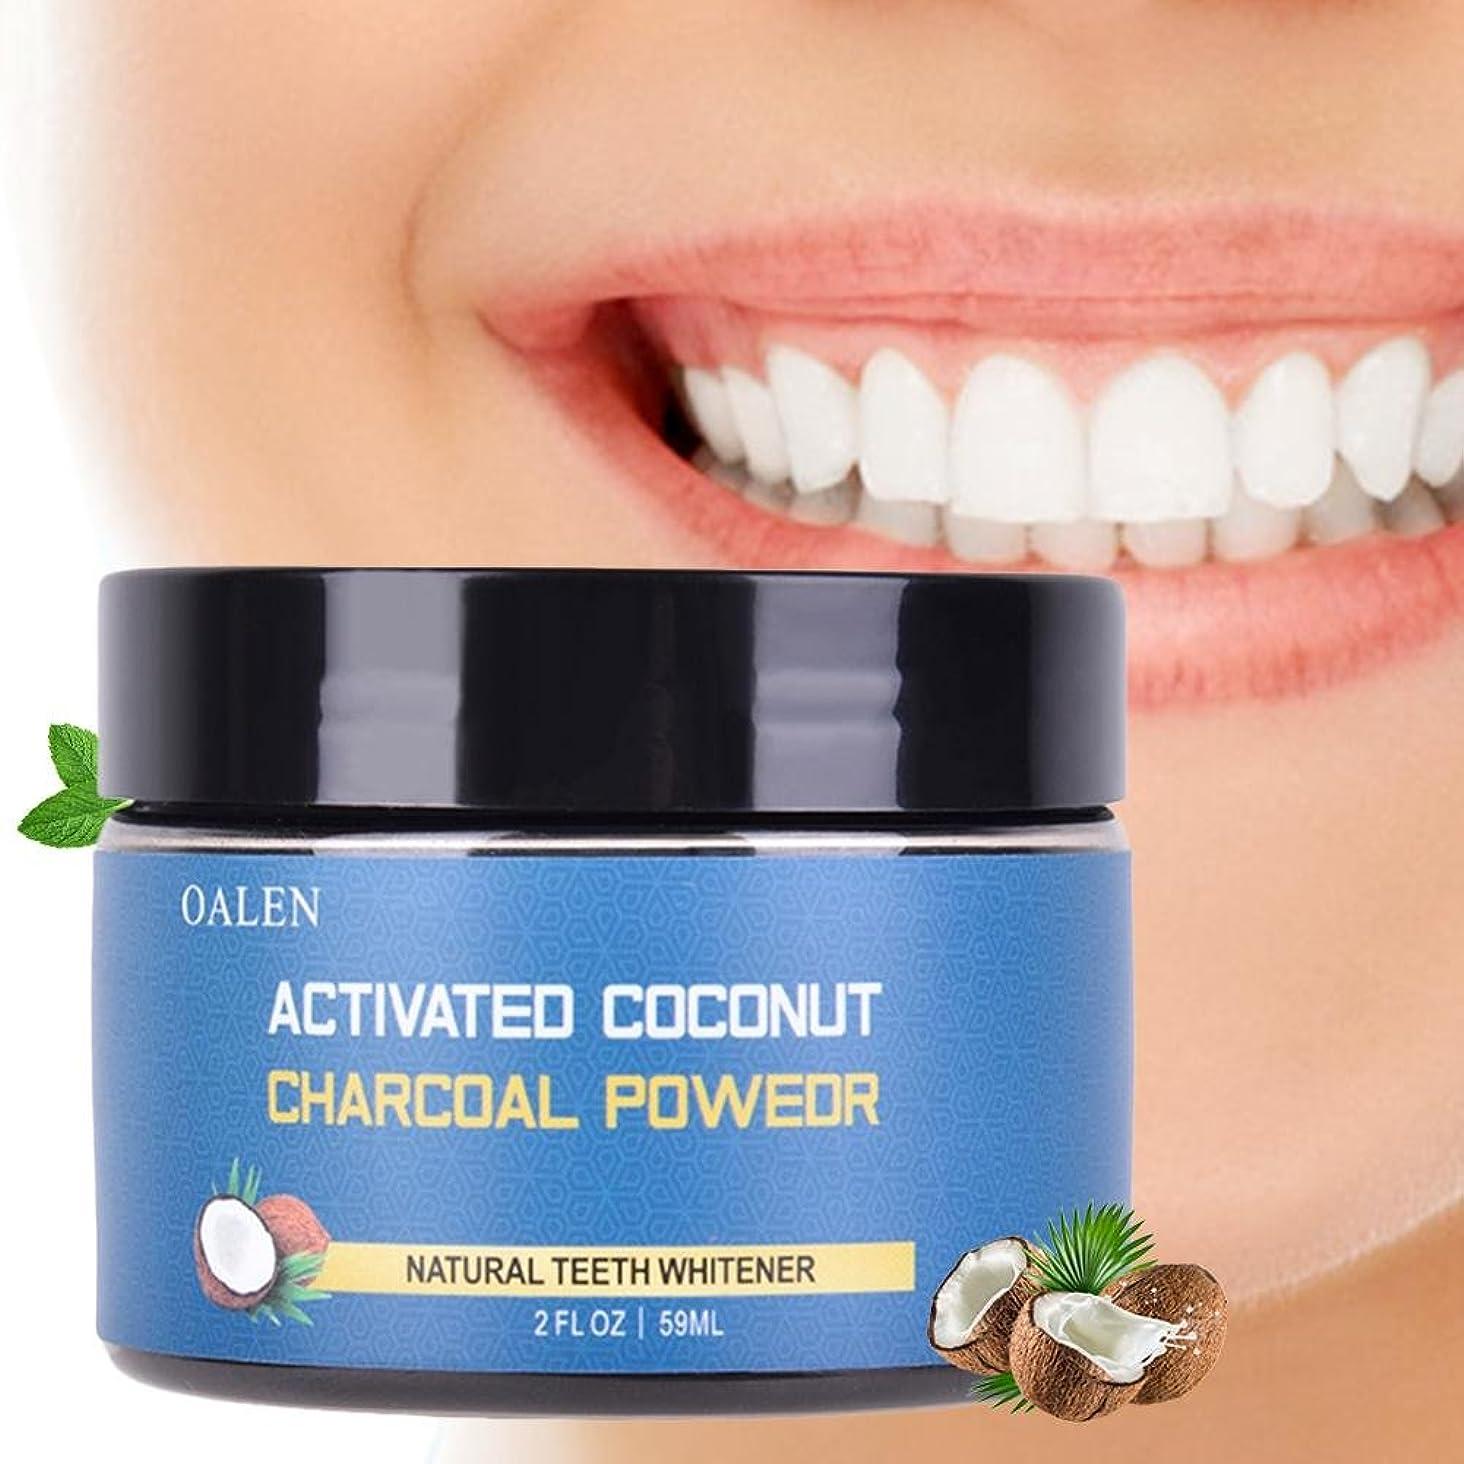 馬鹿消費者作りSILUN 歯磨き粉 ニングパウダー有機 ココナッツ殻活性炭組成デンタルステイン除去 歯美白自然 口腔ケア